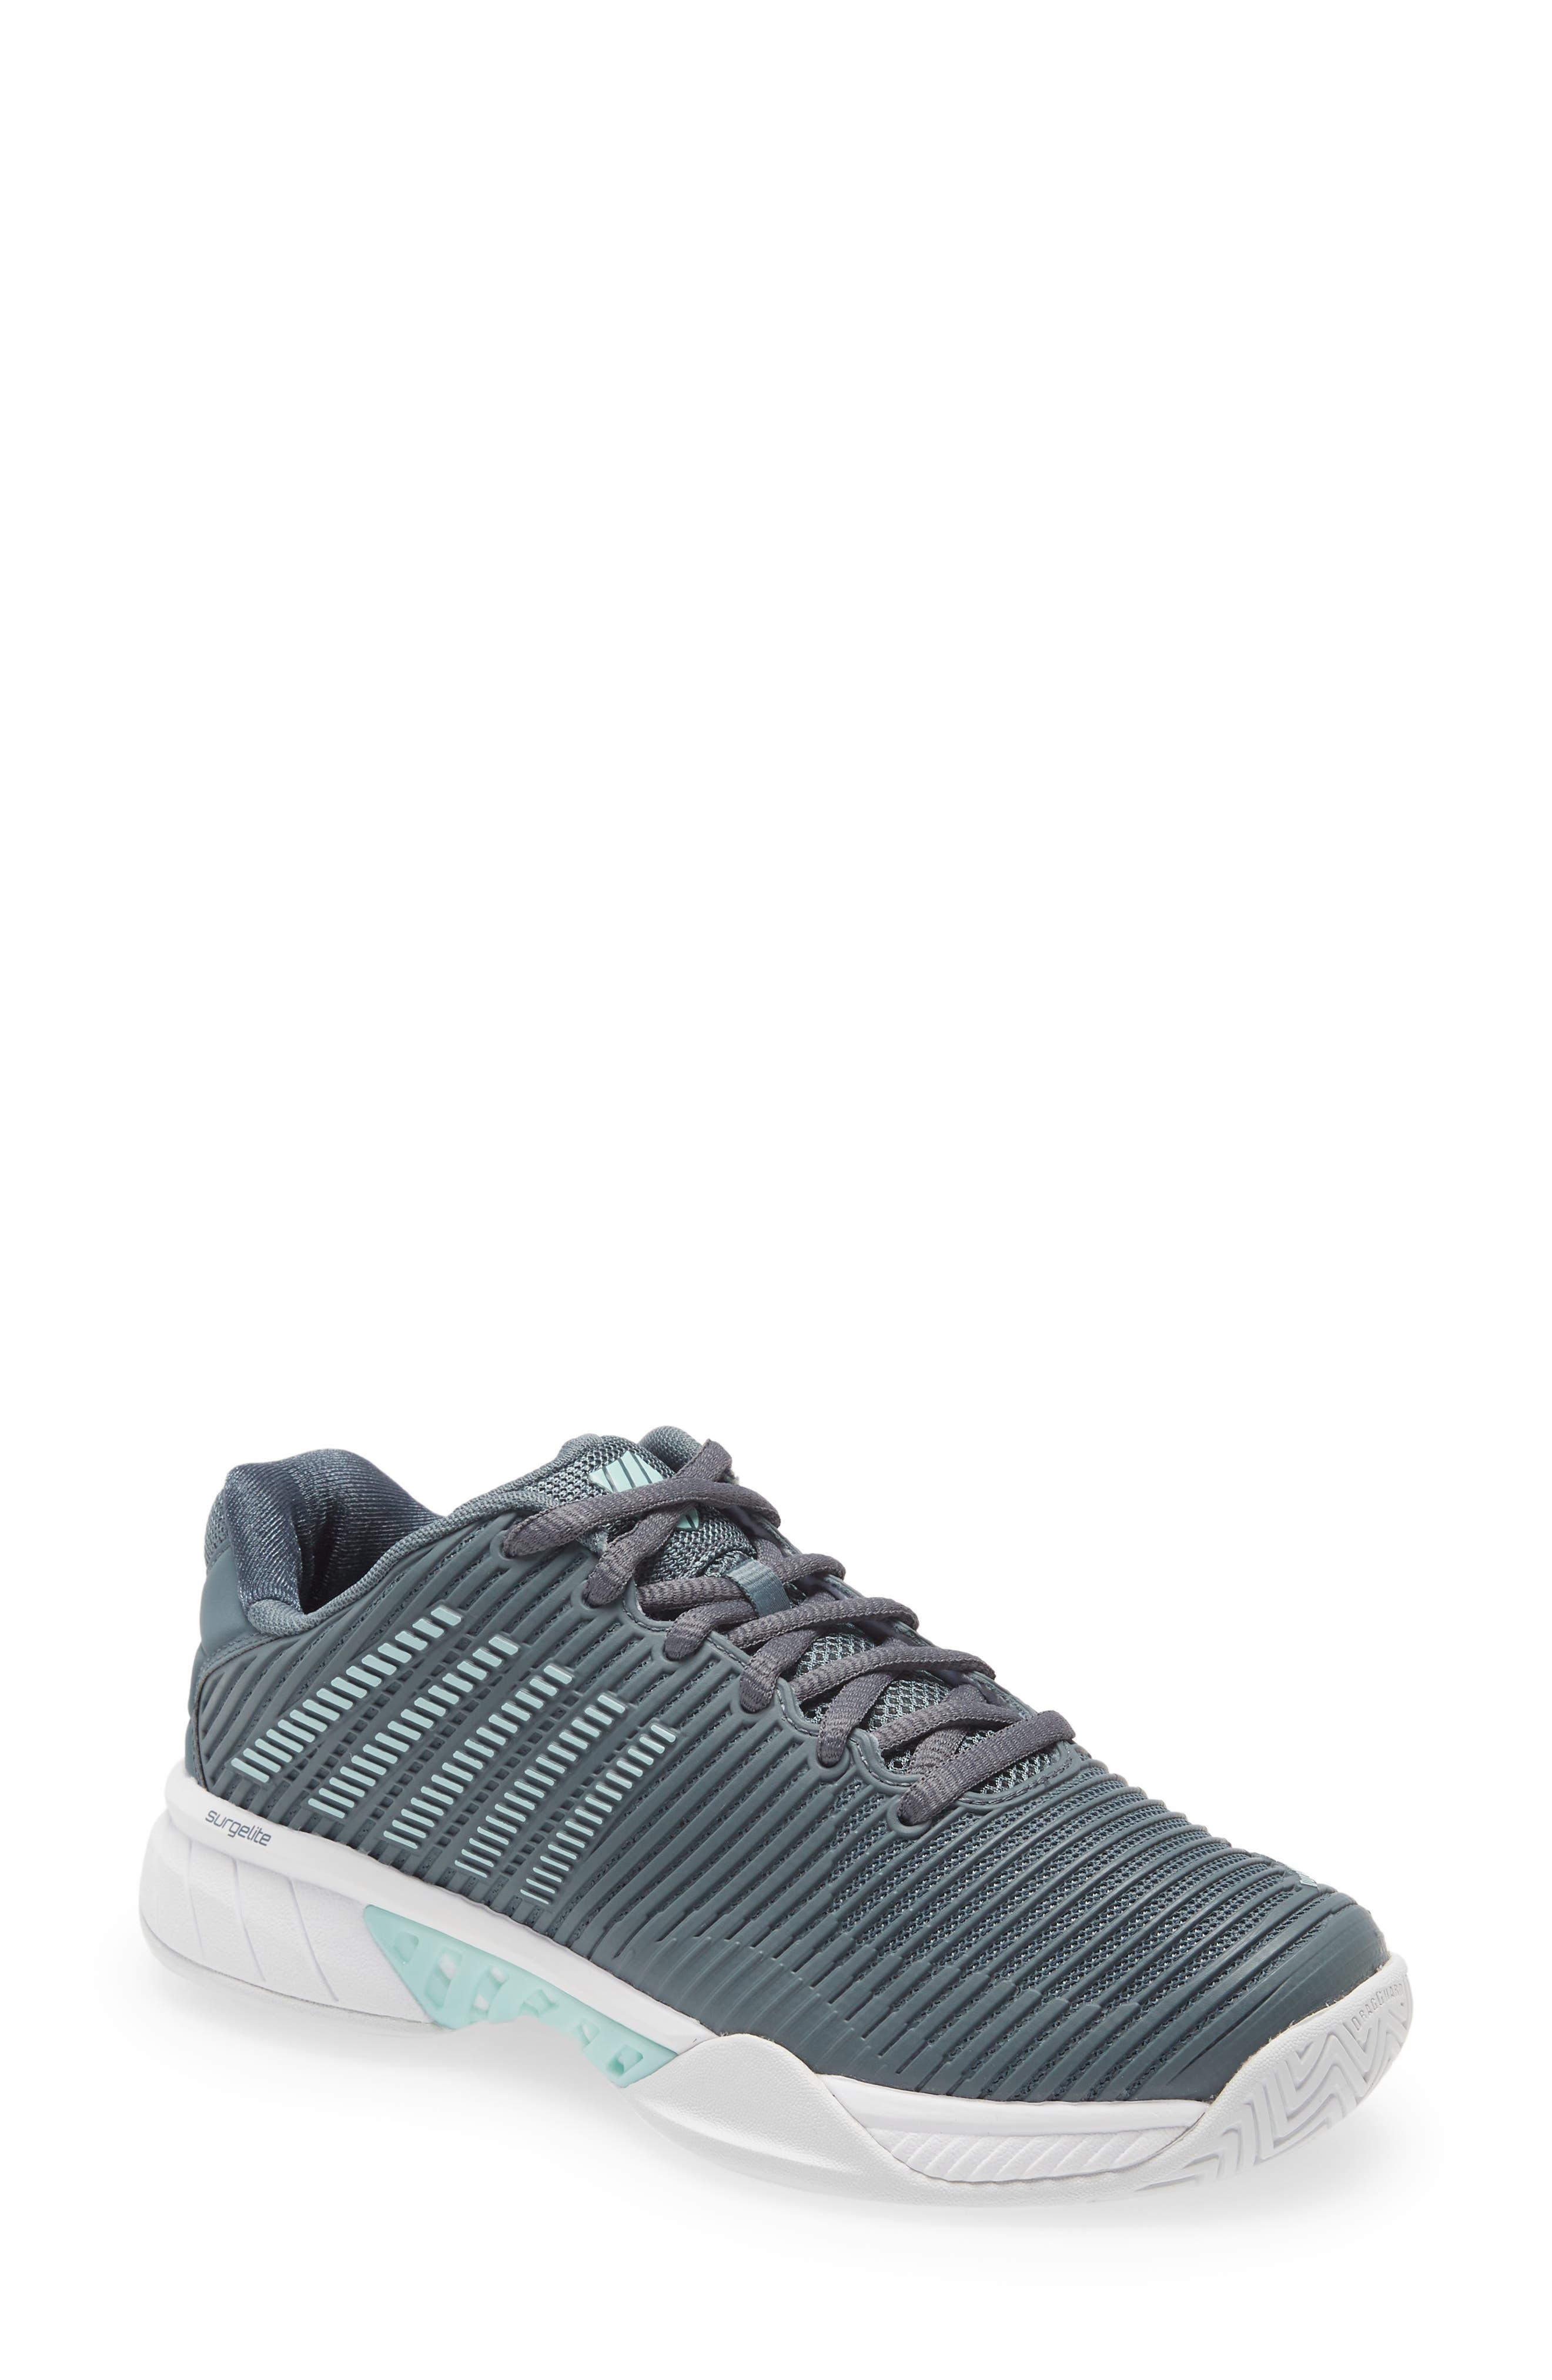 Hypercourt Express 2 Tennis Shoe